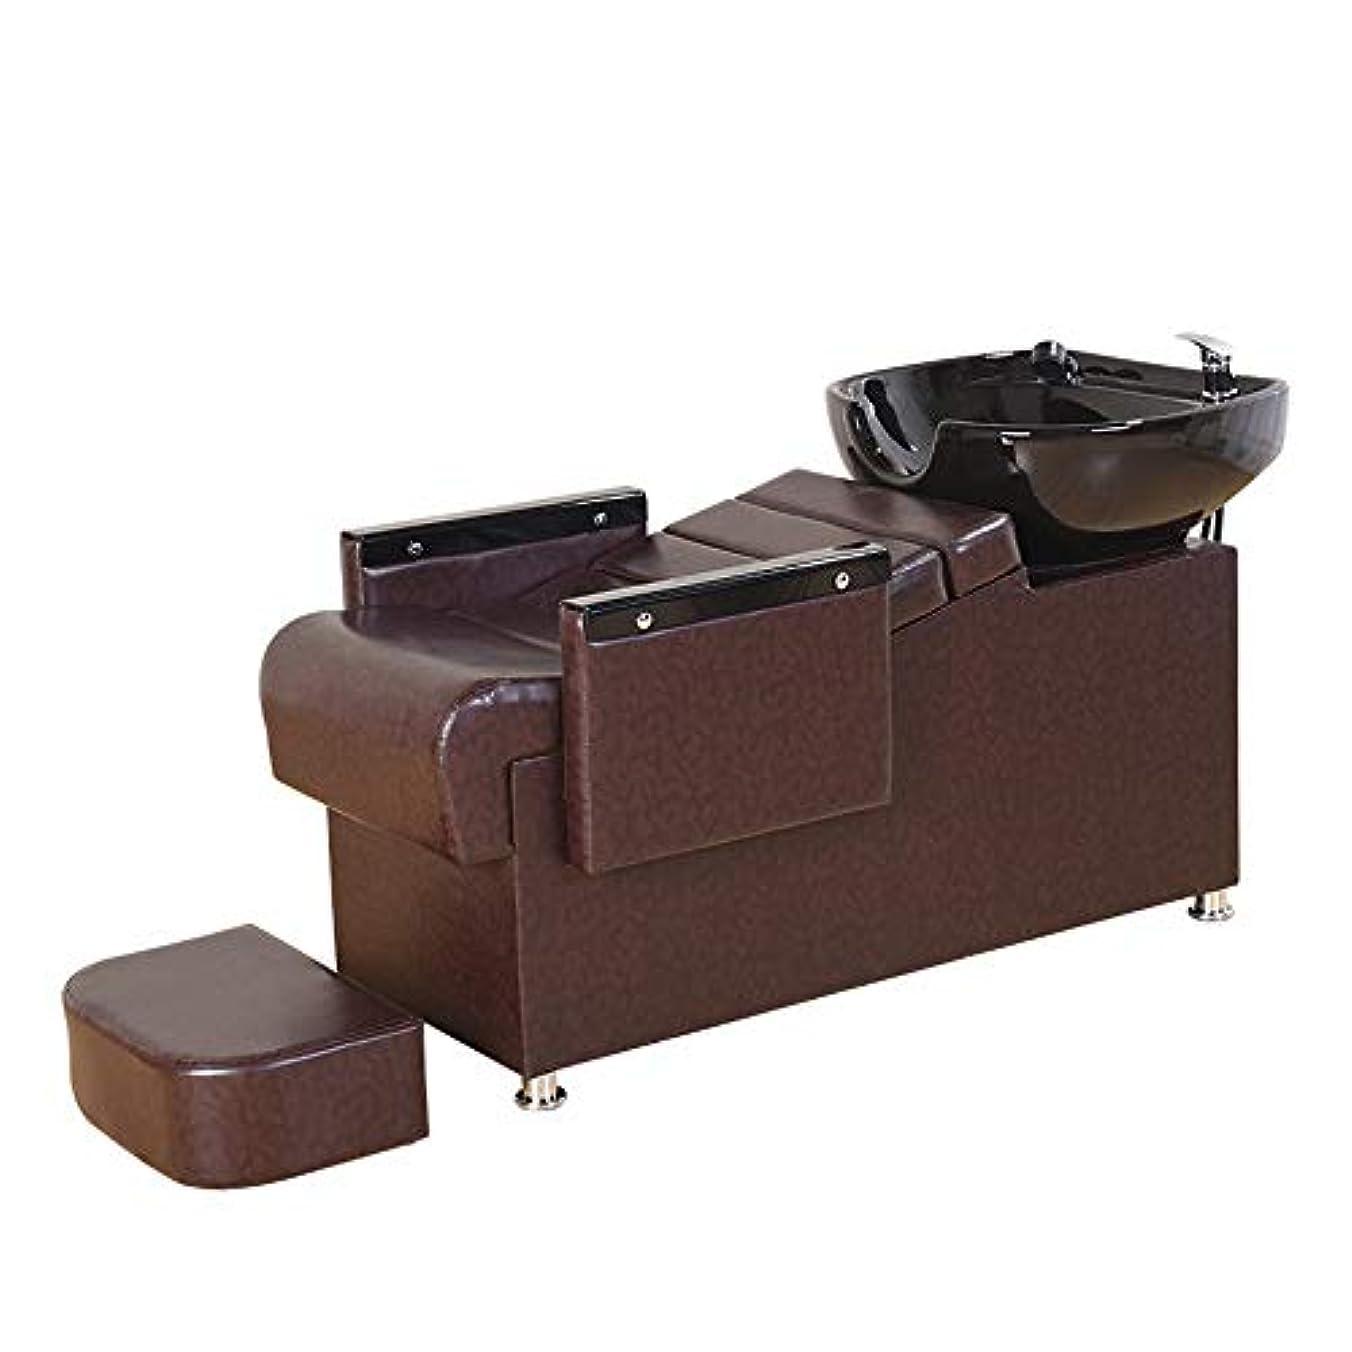 砂漠非武装化スチュワーデスシャンプー椅子、逆洗ユニットシャンプーボウル理髪店フラッシングベッド美容院シンク椅子用スパ美容院機器